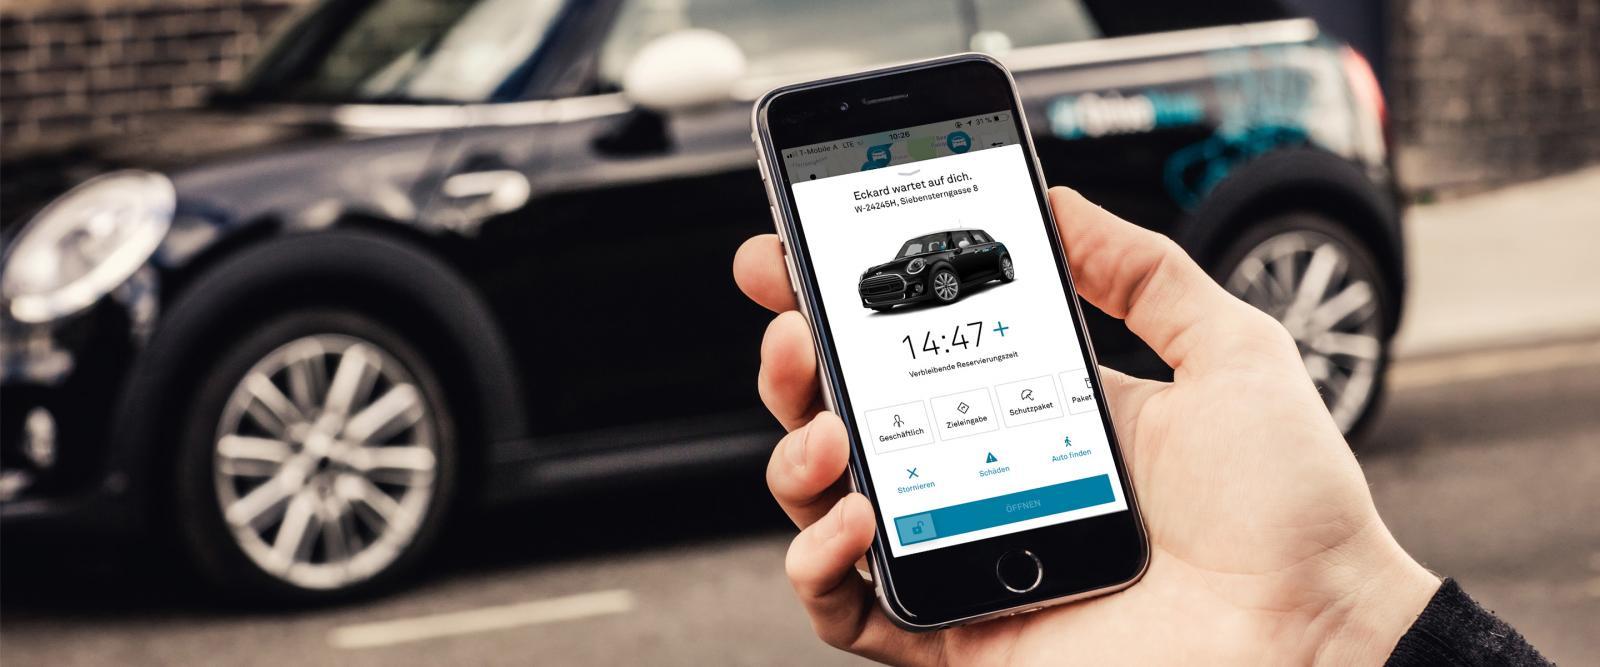 drivenow-carsharing-wien-schneller-besser-die-neue-app